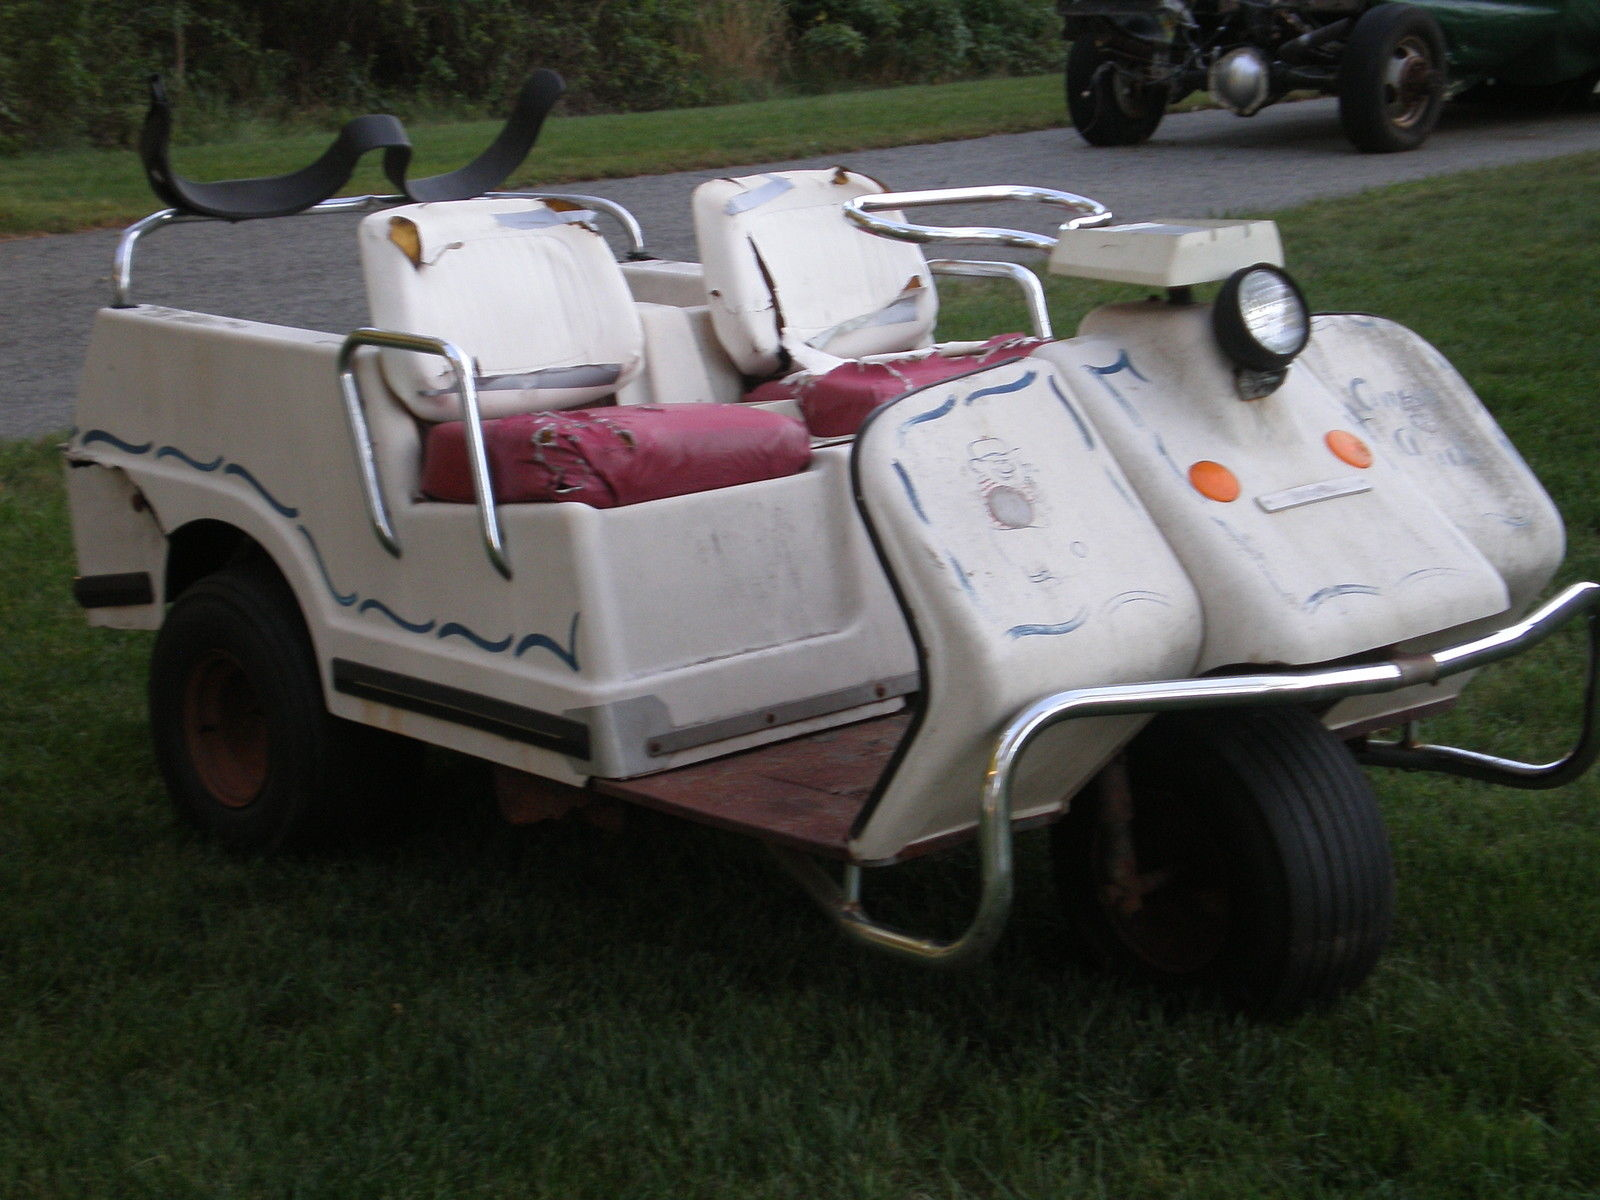 Harley Davidson Vintage Golf Cart For Sale